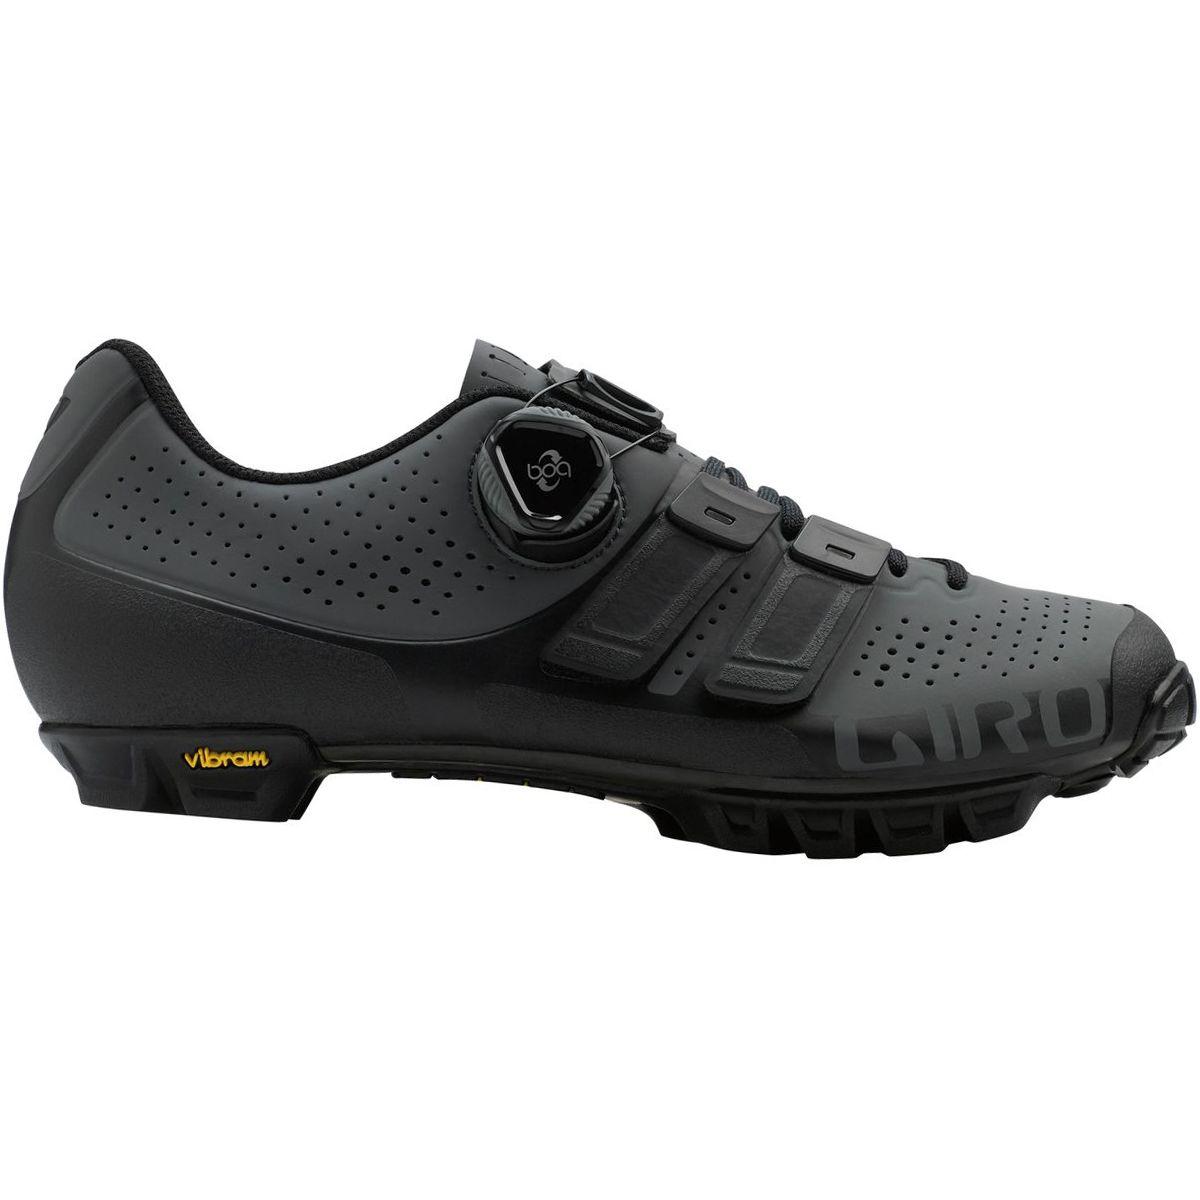 Giro Code Techlace Shoe - Men's